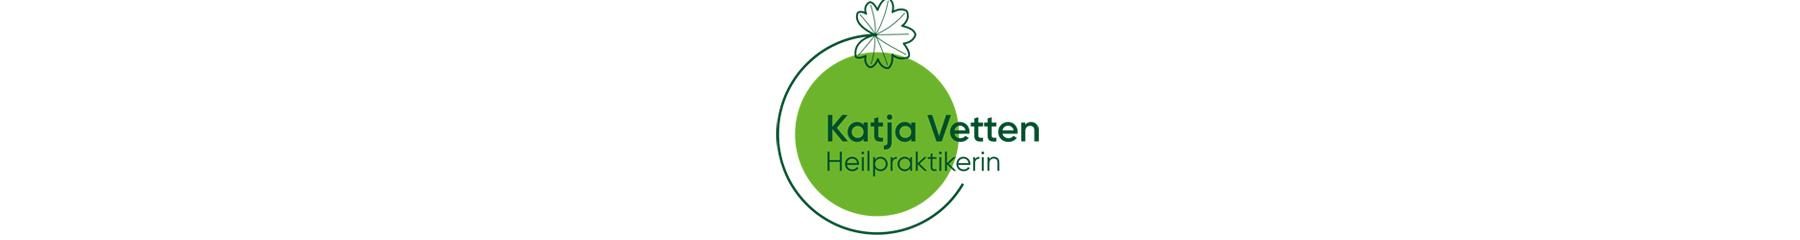 Katja Vetten